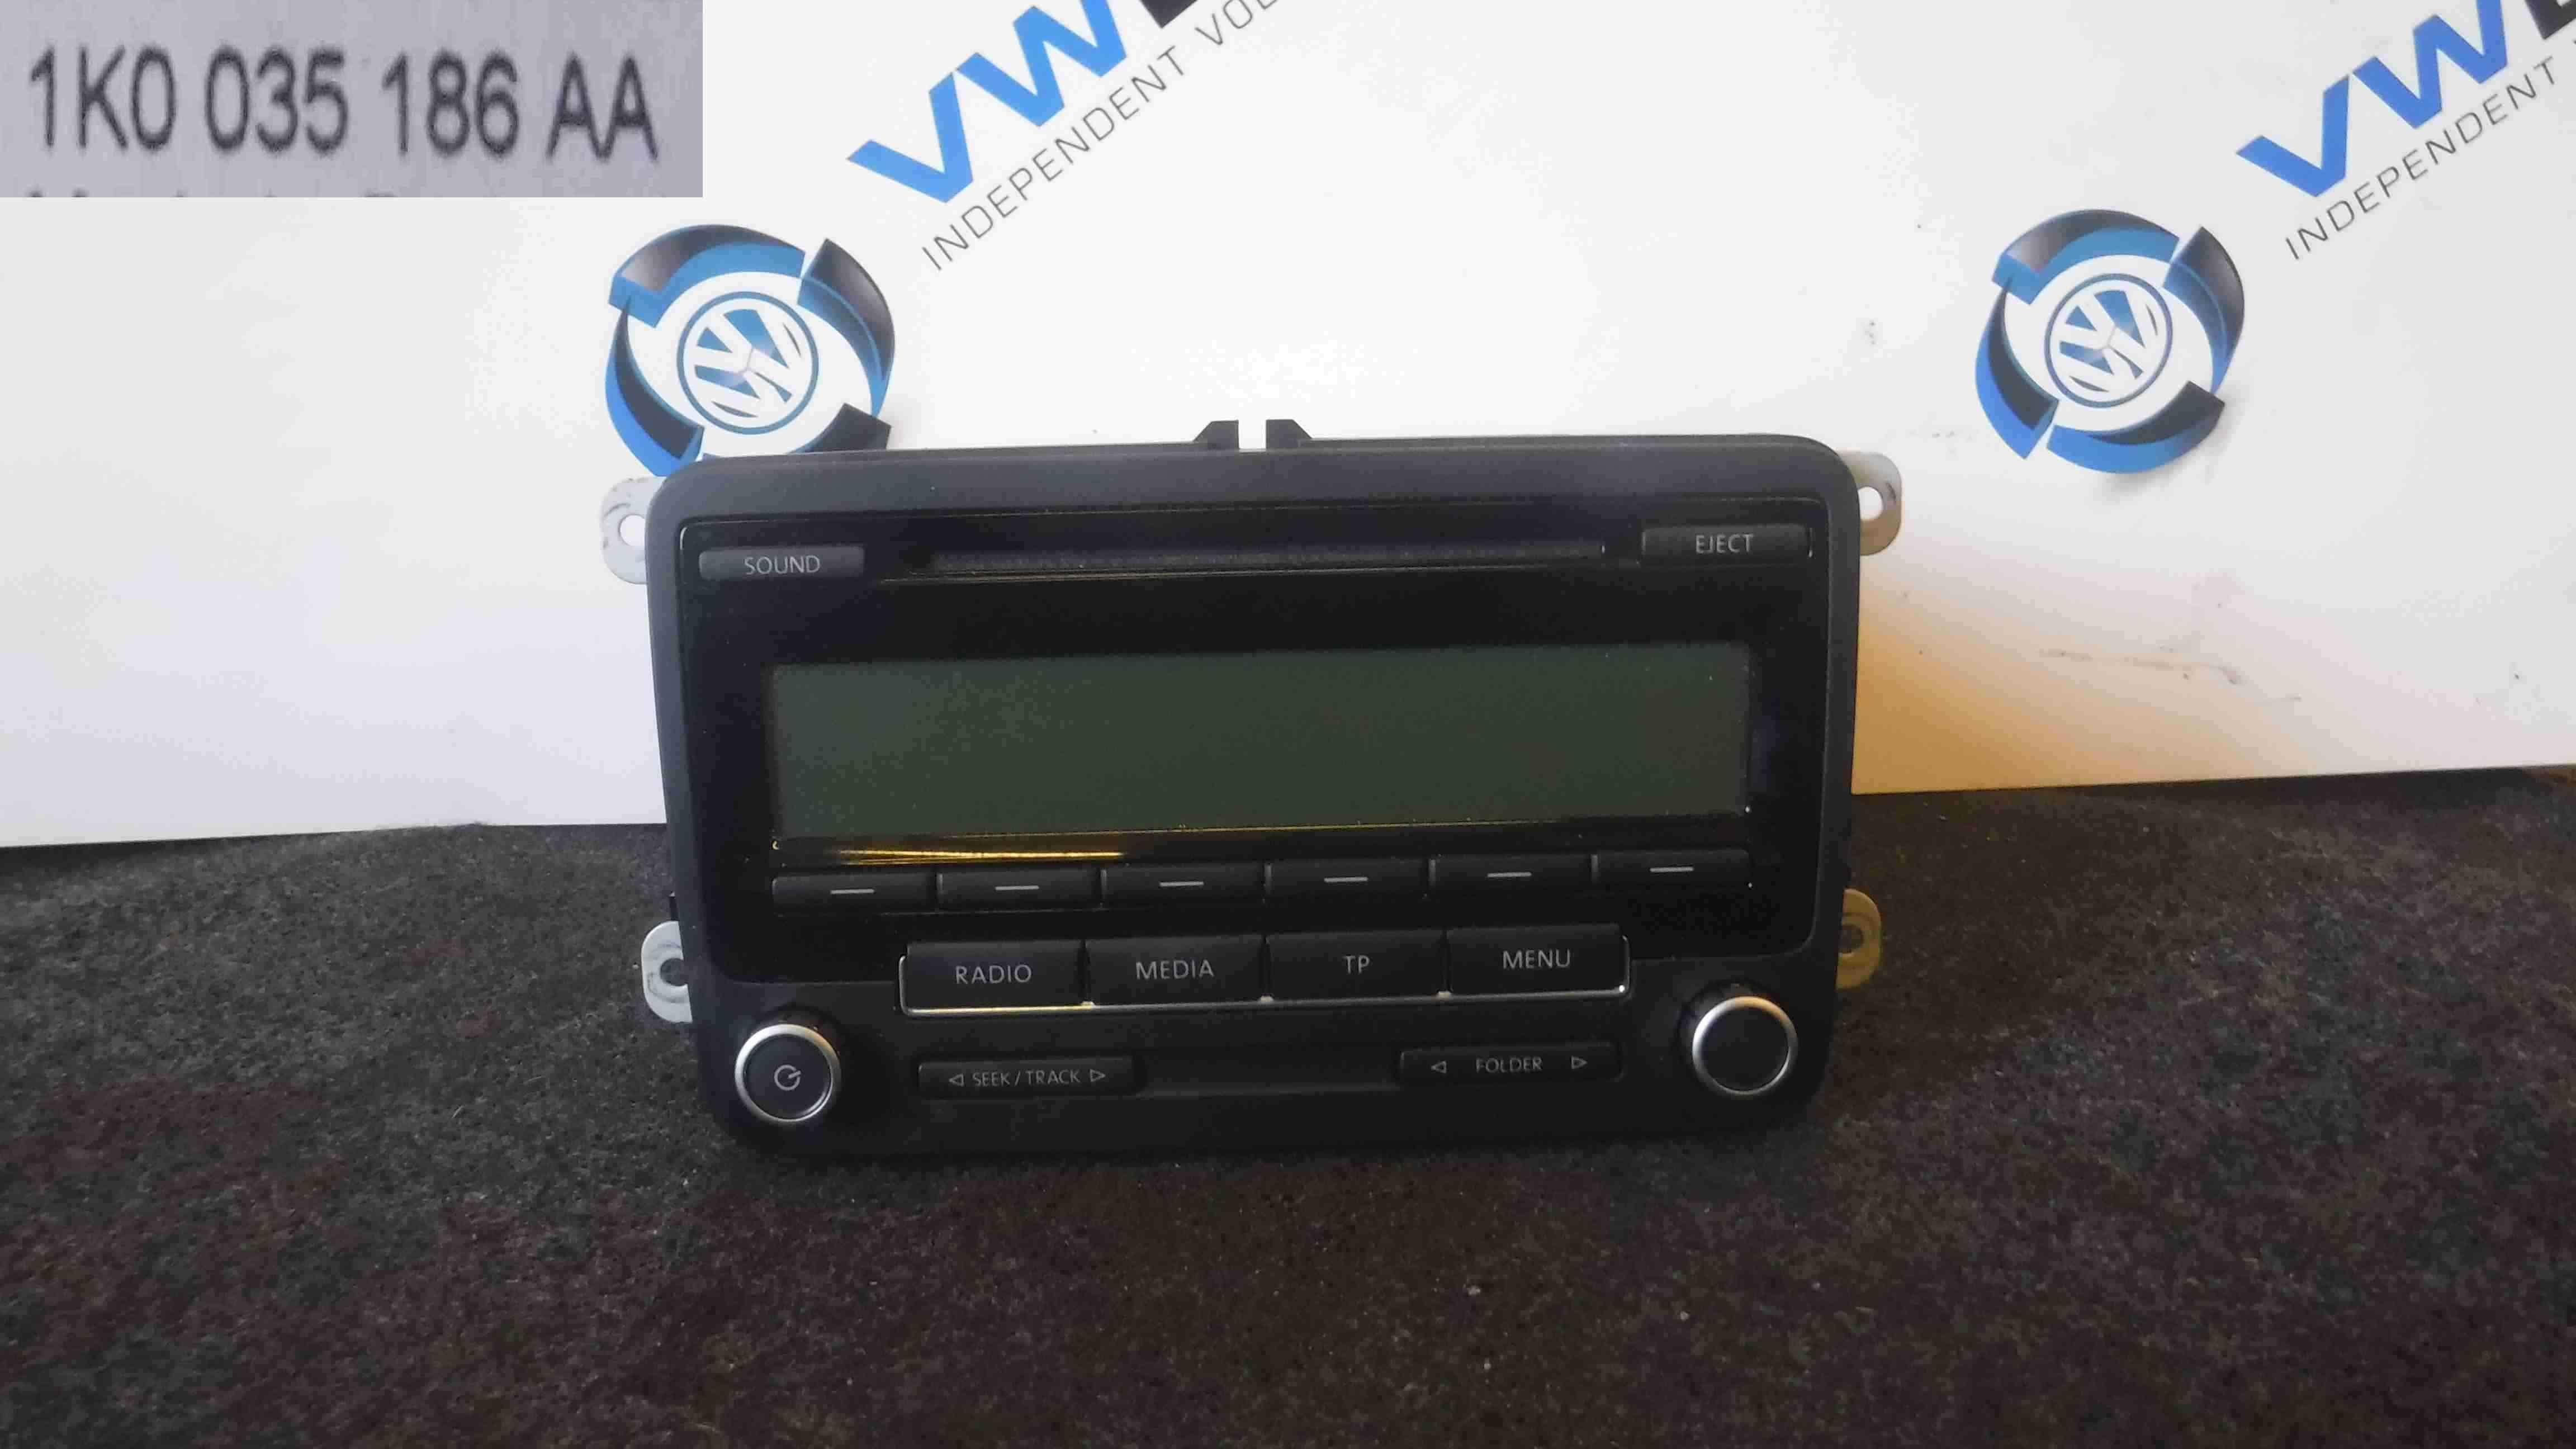 Volkswagen EOS 2005-2016 Radio Cd Player Head Unit 1K0035186AA